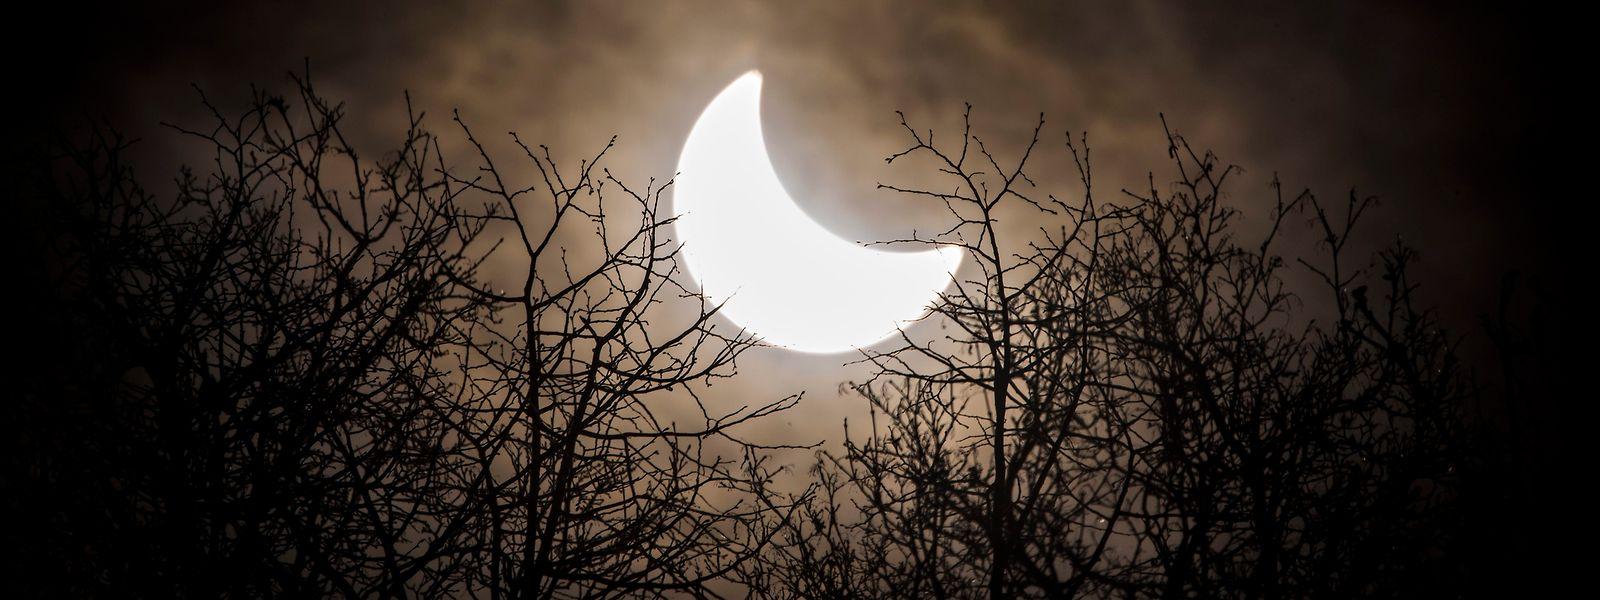 Erstmals seit sechs Jahren ist am 10.06.2021 über Luxemburg wieder eine partielle Sonnenfinsternis zu sehen. Foto von der letzten partiellen Sonnenfinsternis über der Schweiz im Jahr 2015.